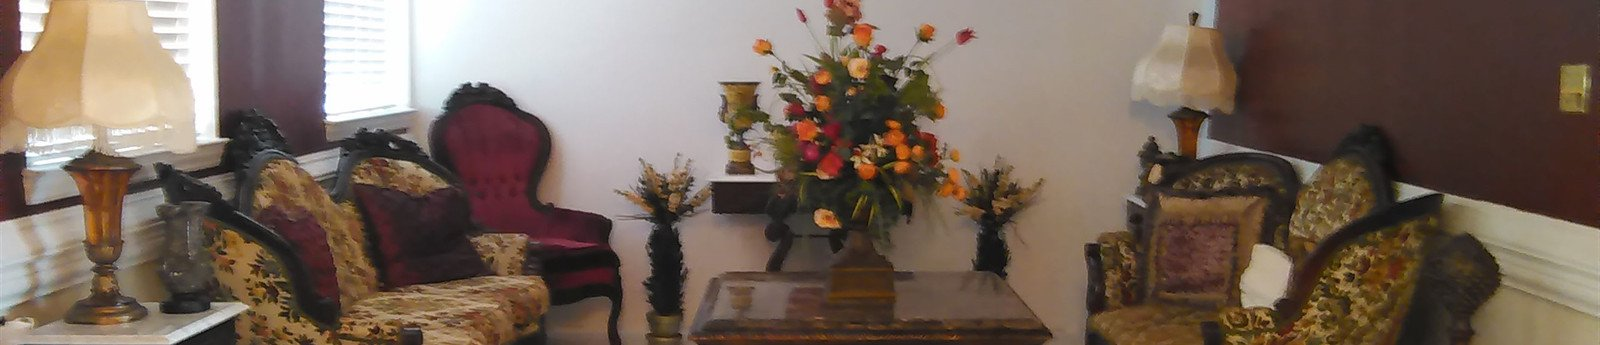 Contact Us | Rosadale Funeral Parlor - W.L. Truesdale Memorial Chapel